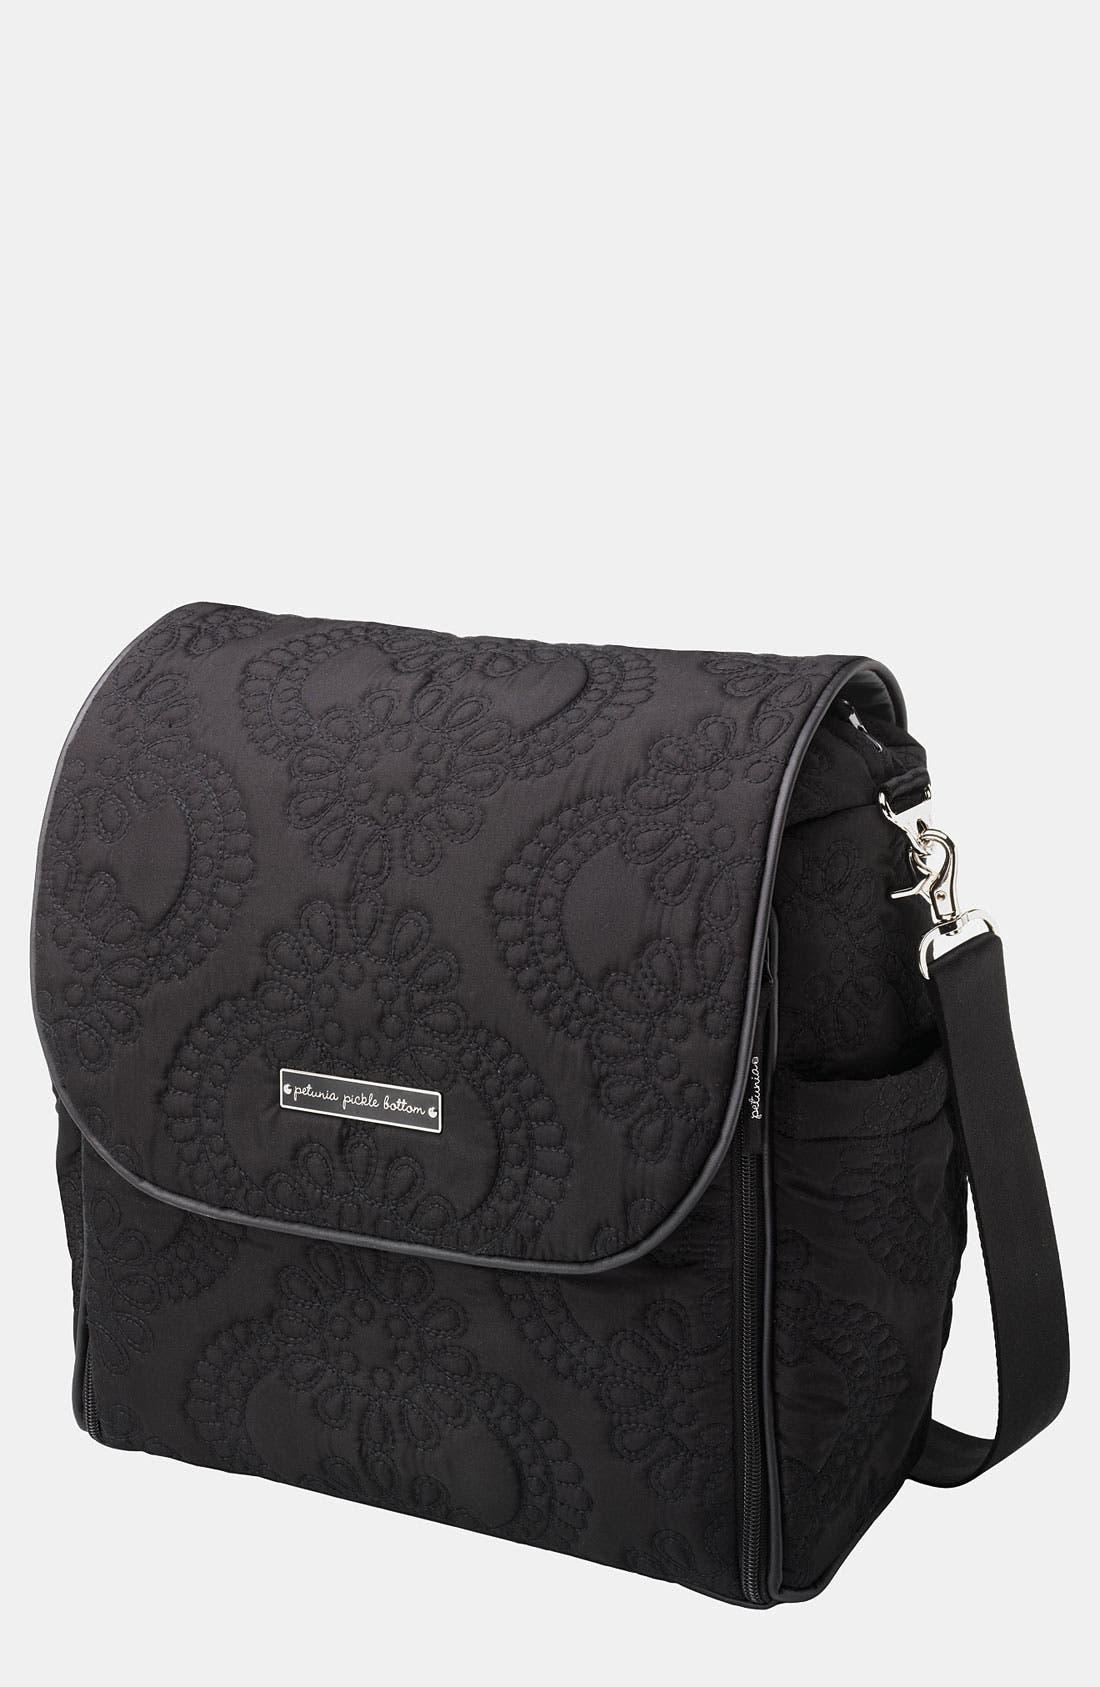 Main Image - Petunia Pickle Bottom 'Embossed Boxy' Magnetic Closure Backpack Diaper Bag